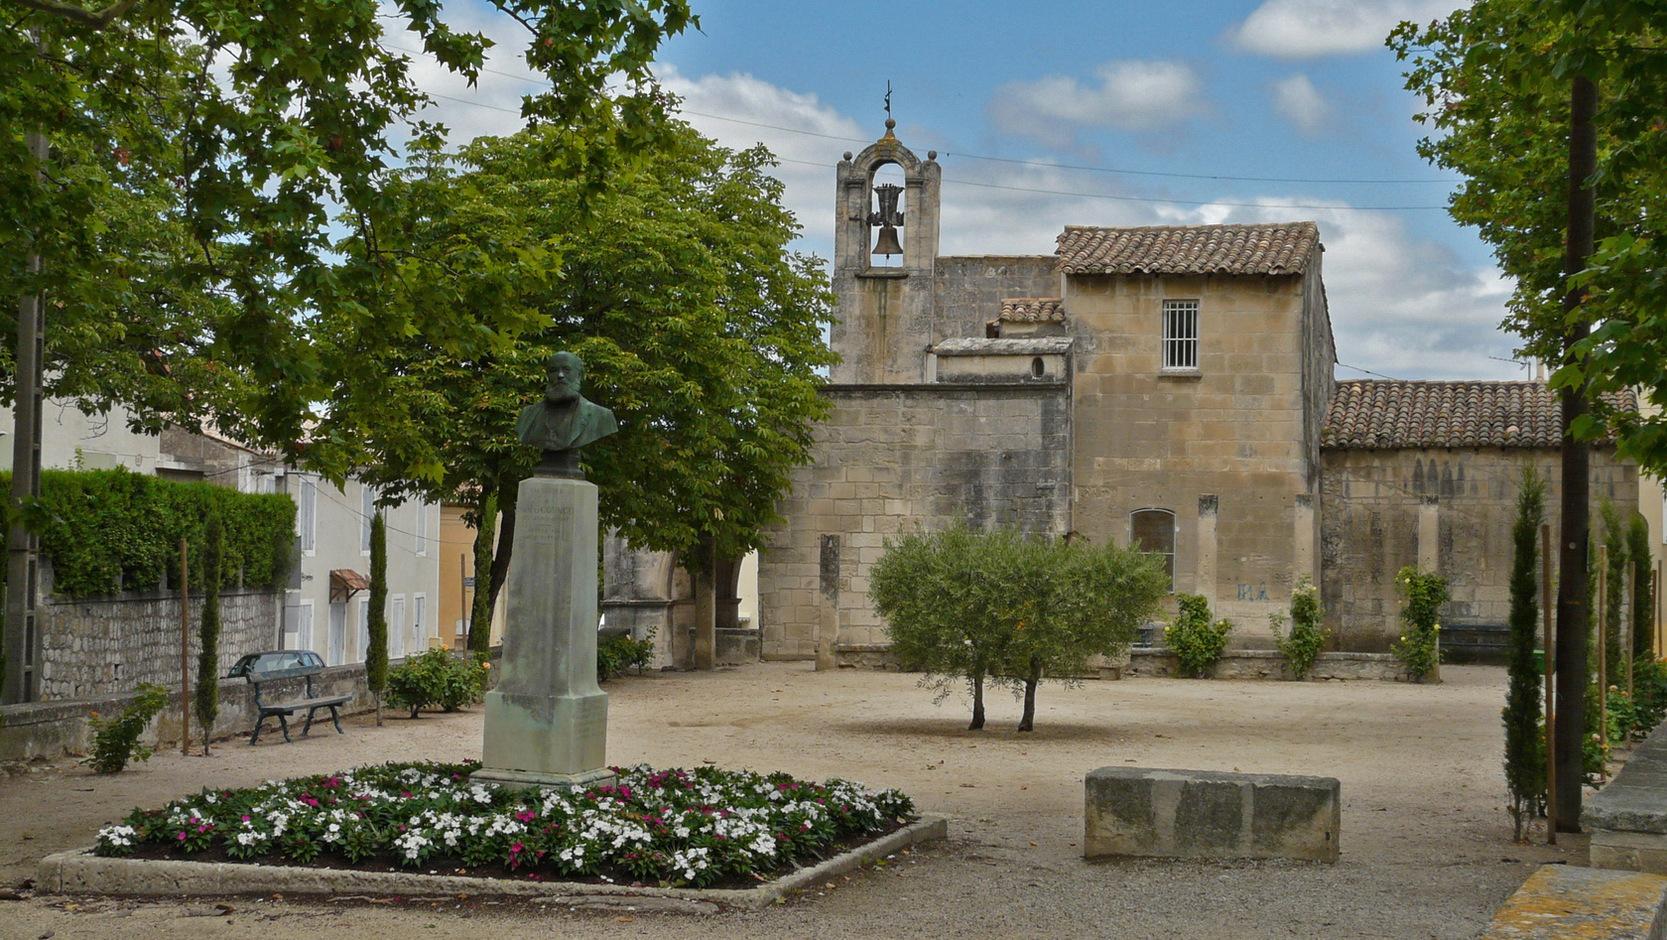 Saint remy de provence 01 rolf maltas website for Entretien jardin st remy de provence